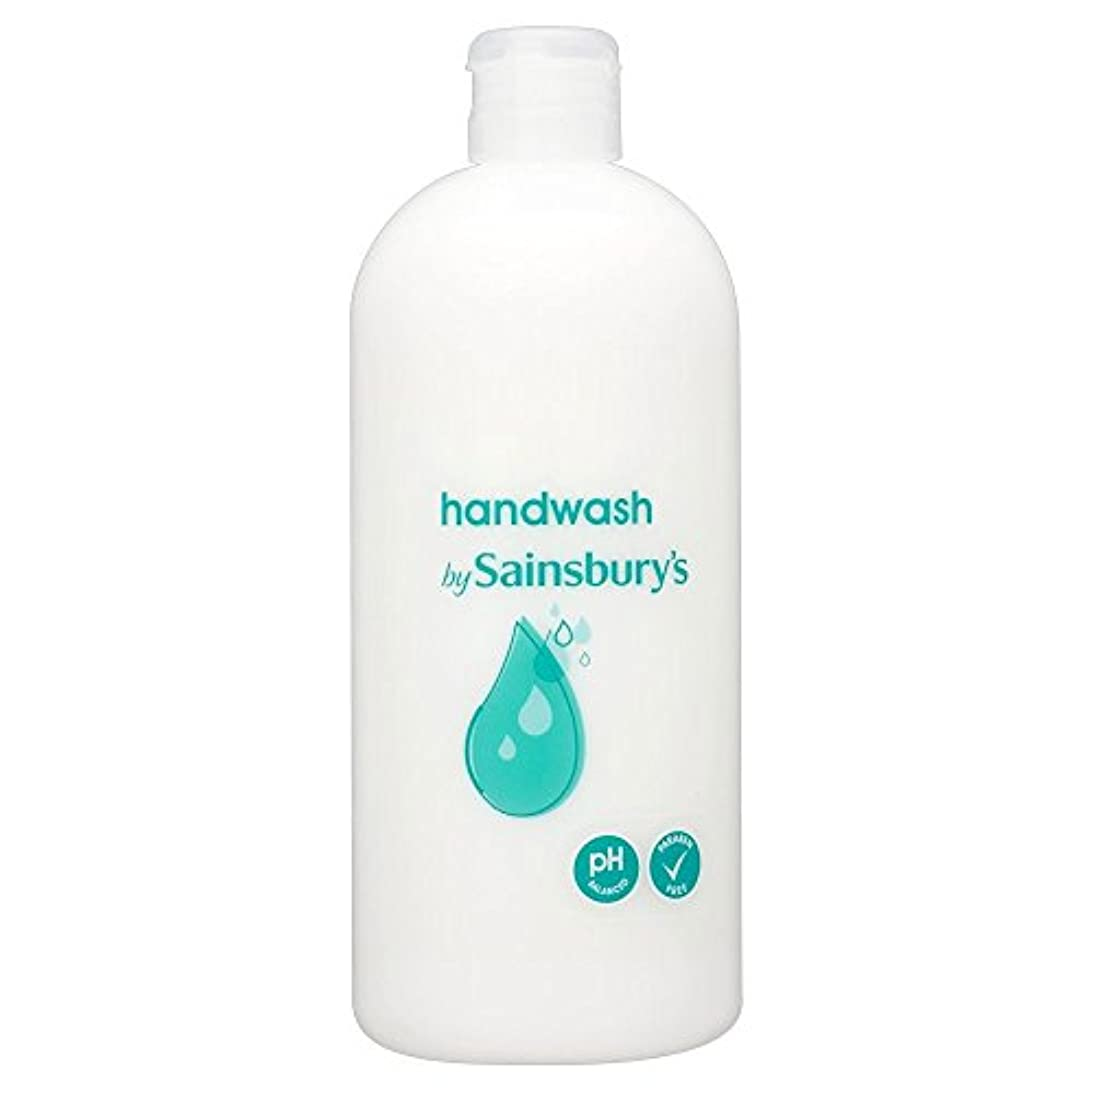 偏差対持続的Sainsbury's Handwash, White Refill 500ml (Pack of 2) - (Sainsbury's) 手洗い、白リフィル500ミリリットル (x2) [並行輸入品]